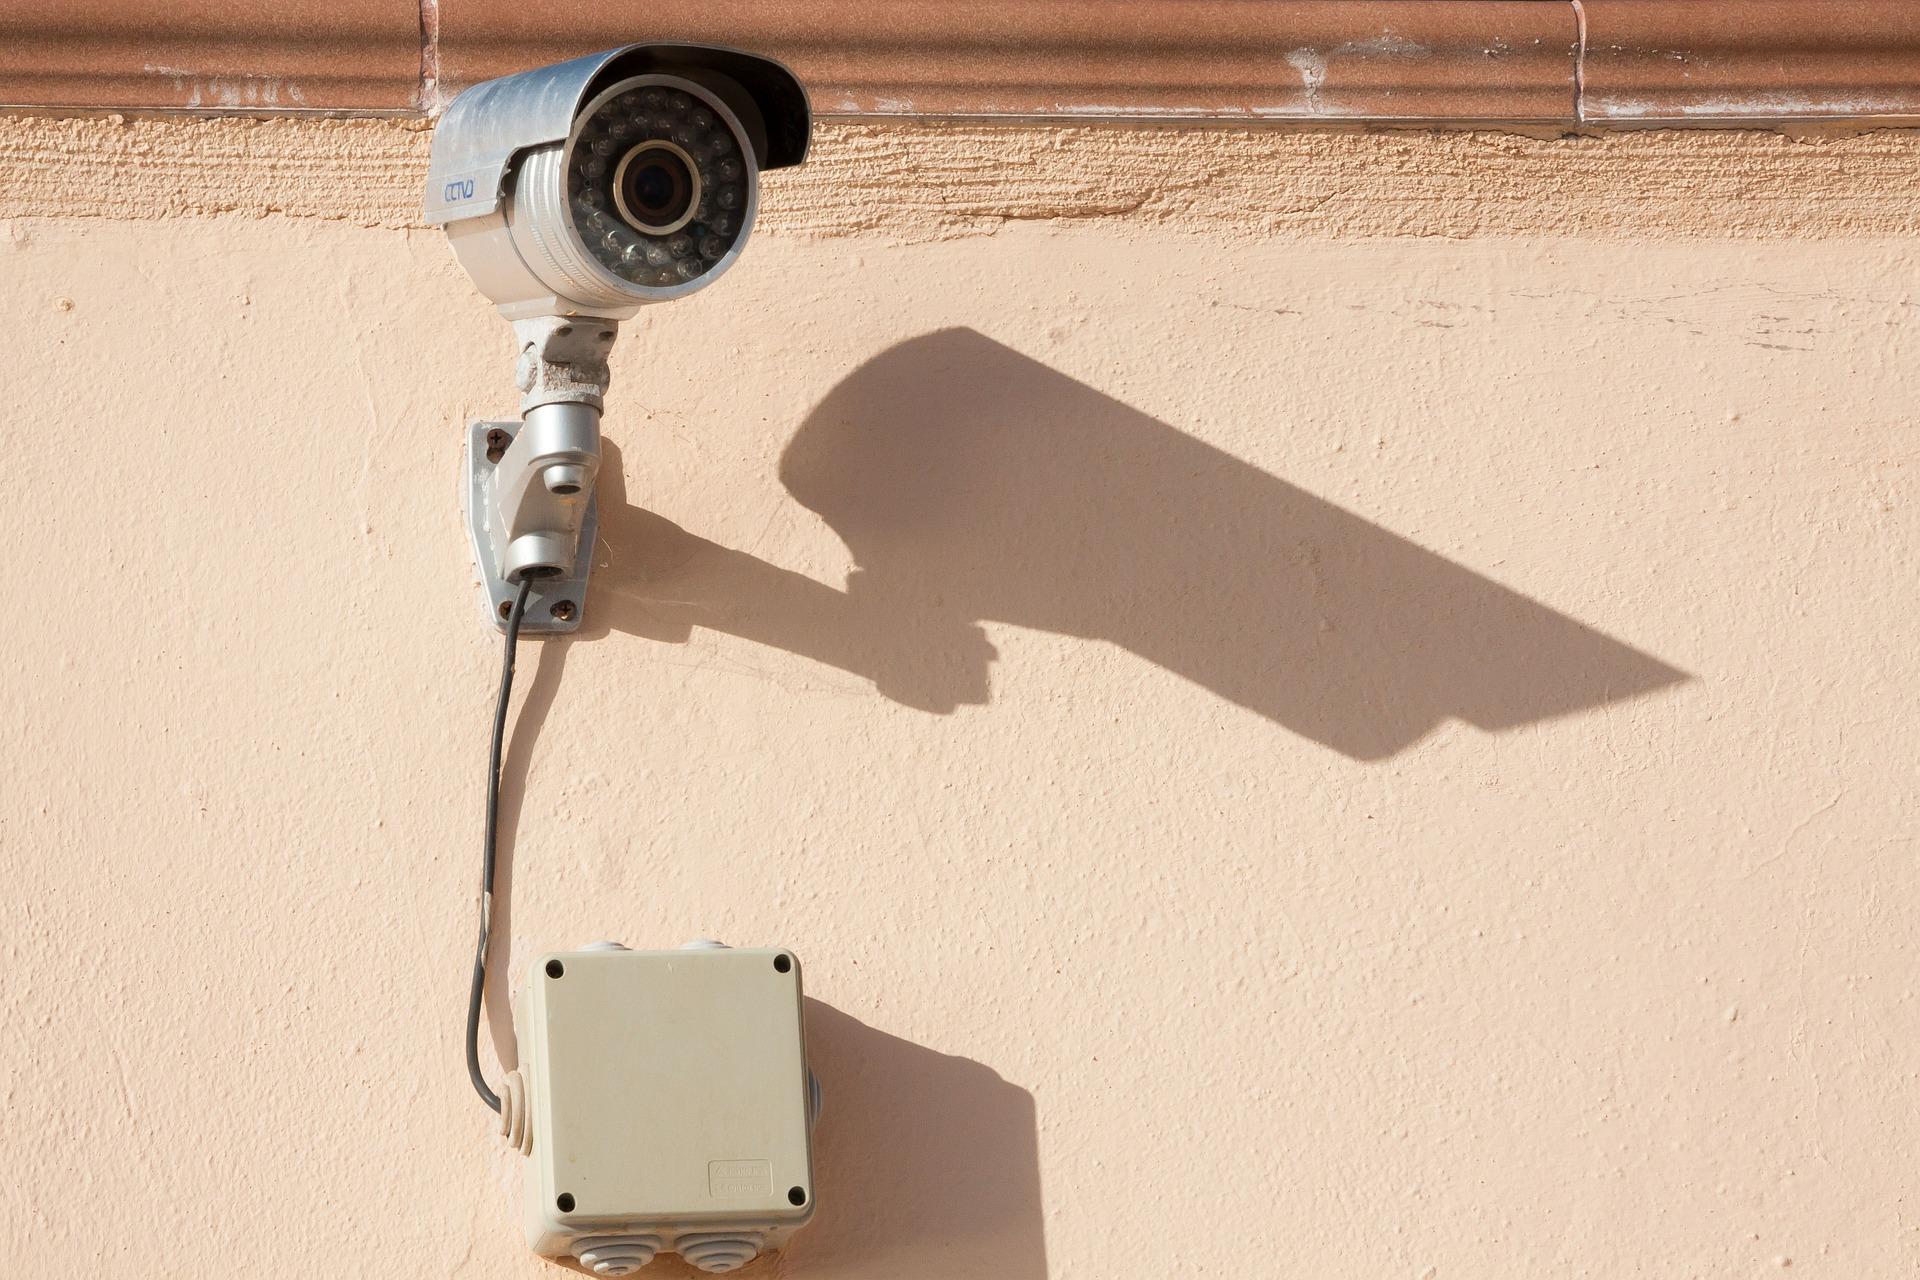 vidéosurveillance sur Cannes